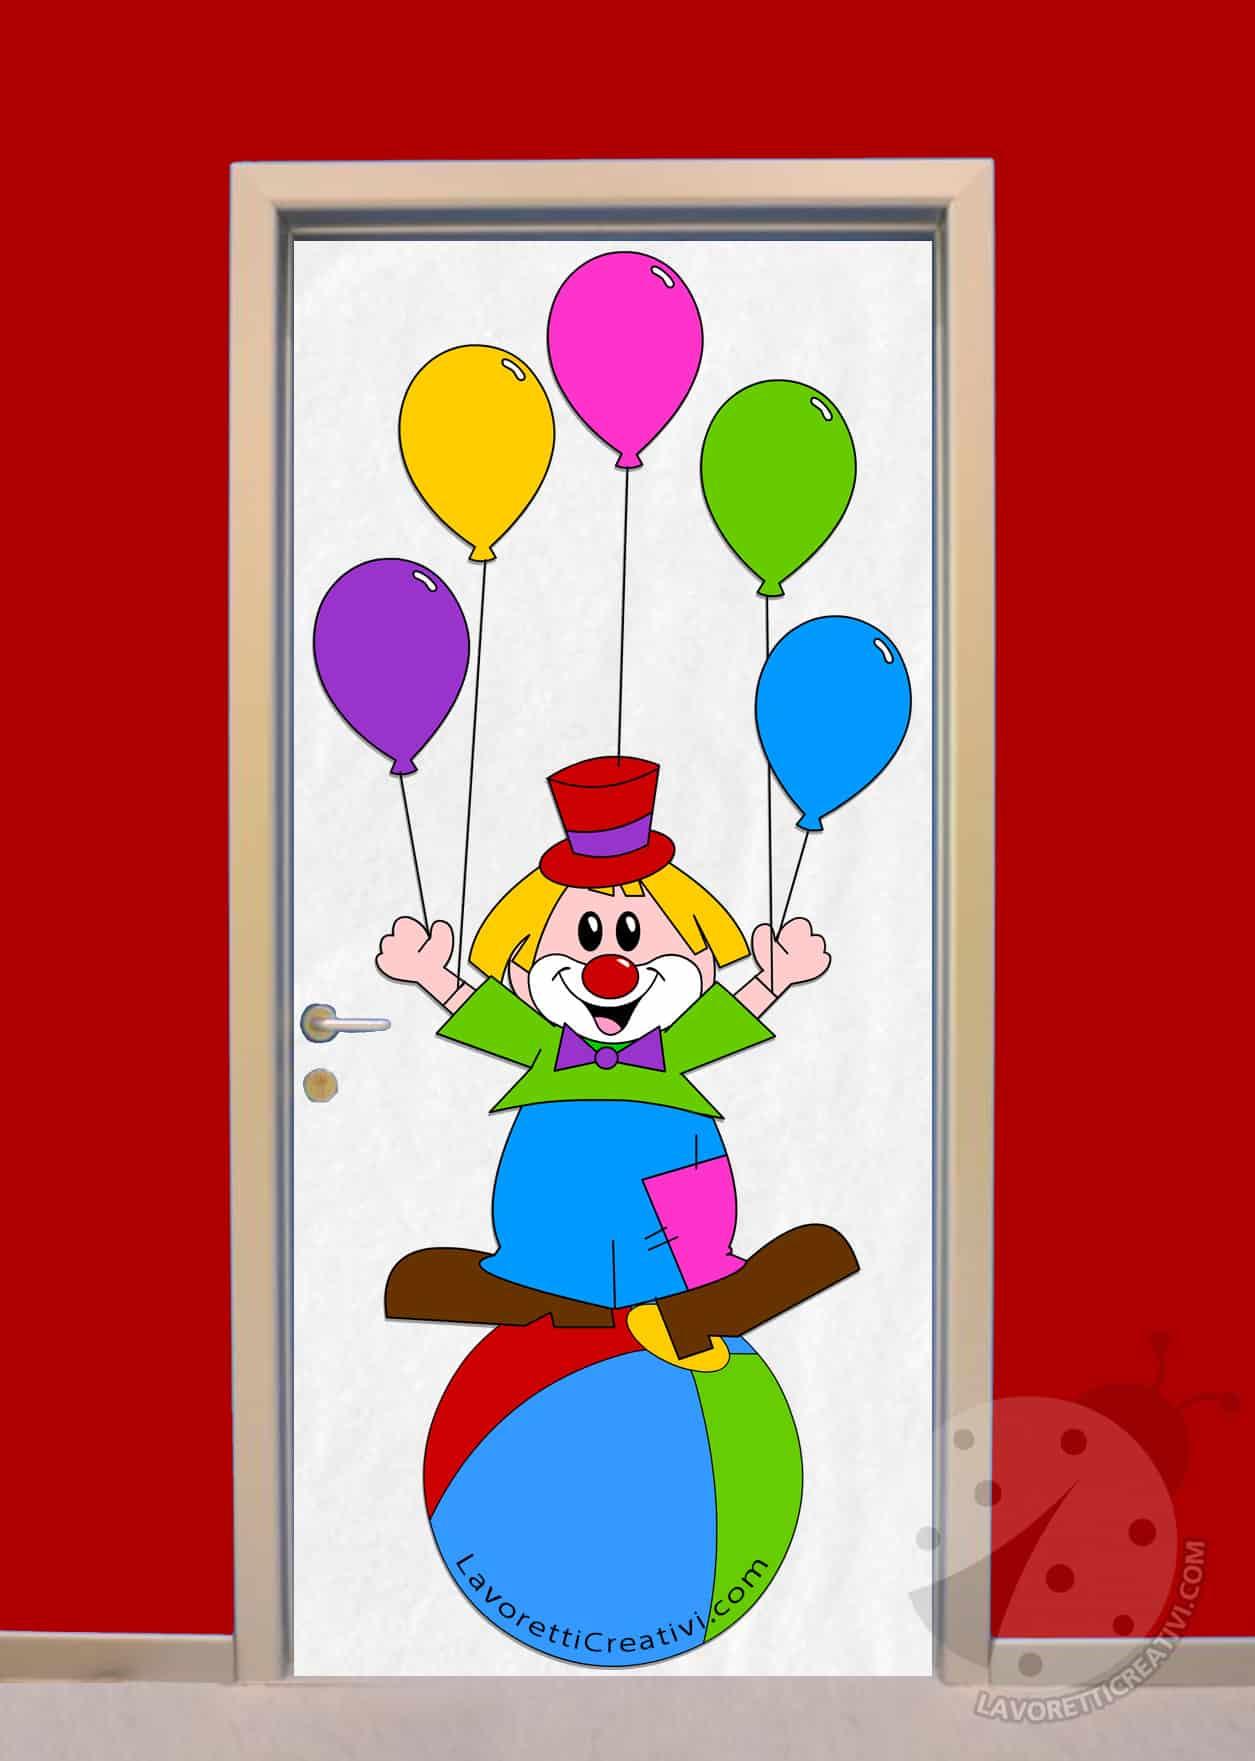 Idea per decorare la porta dell 39 aula a carnevale lavoretti creativi - Decorazioni finestre aula ...